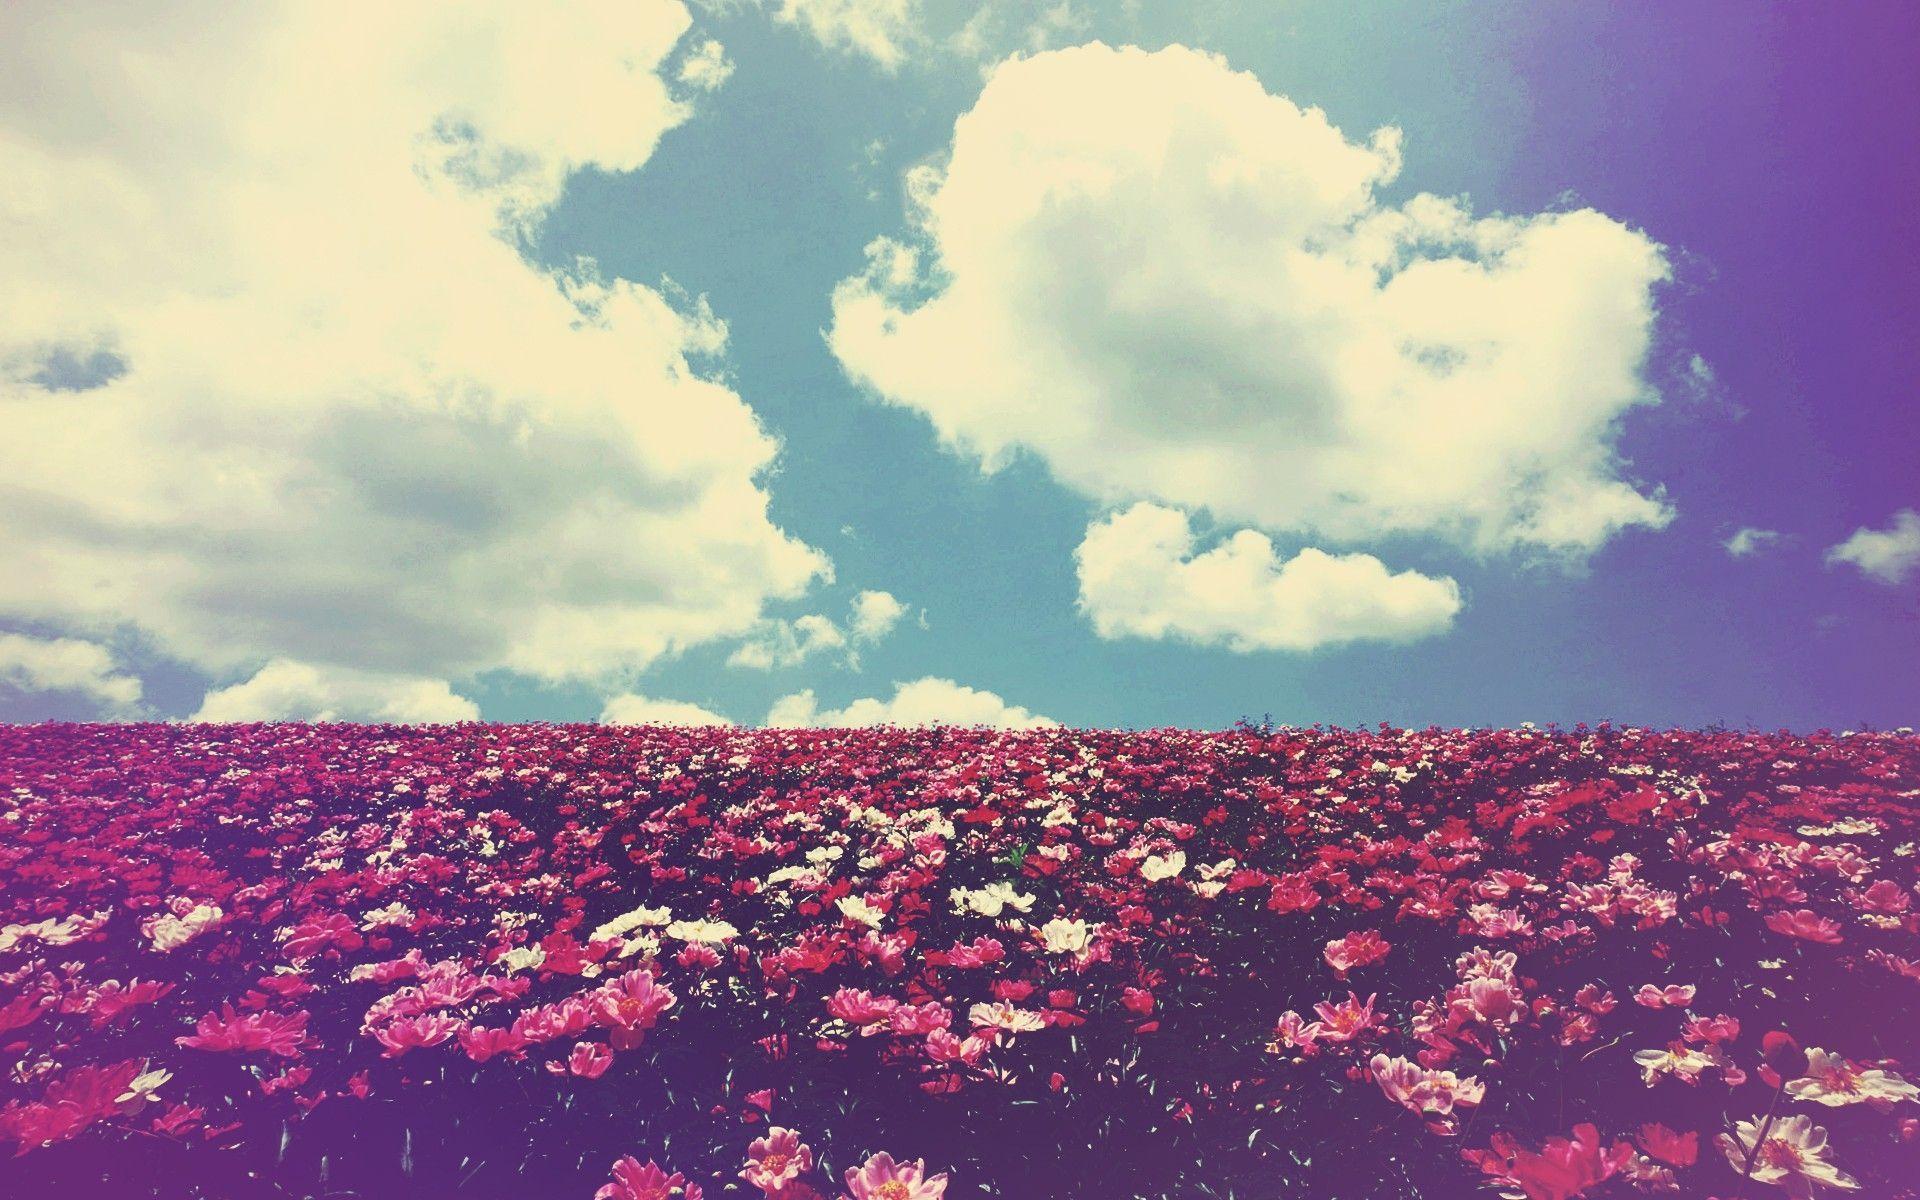 We heart it wallpaper - Free Wallpaper Of Love We Heart It Download New Wallpaper Of Love We Heart It